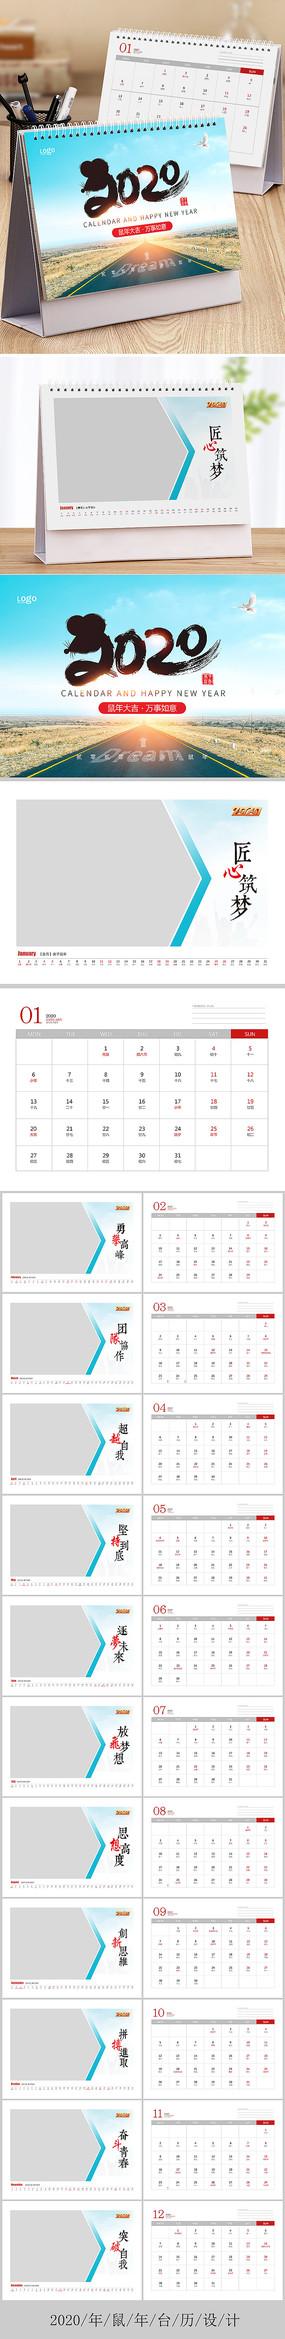 2020鼠年企业台历日历模板